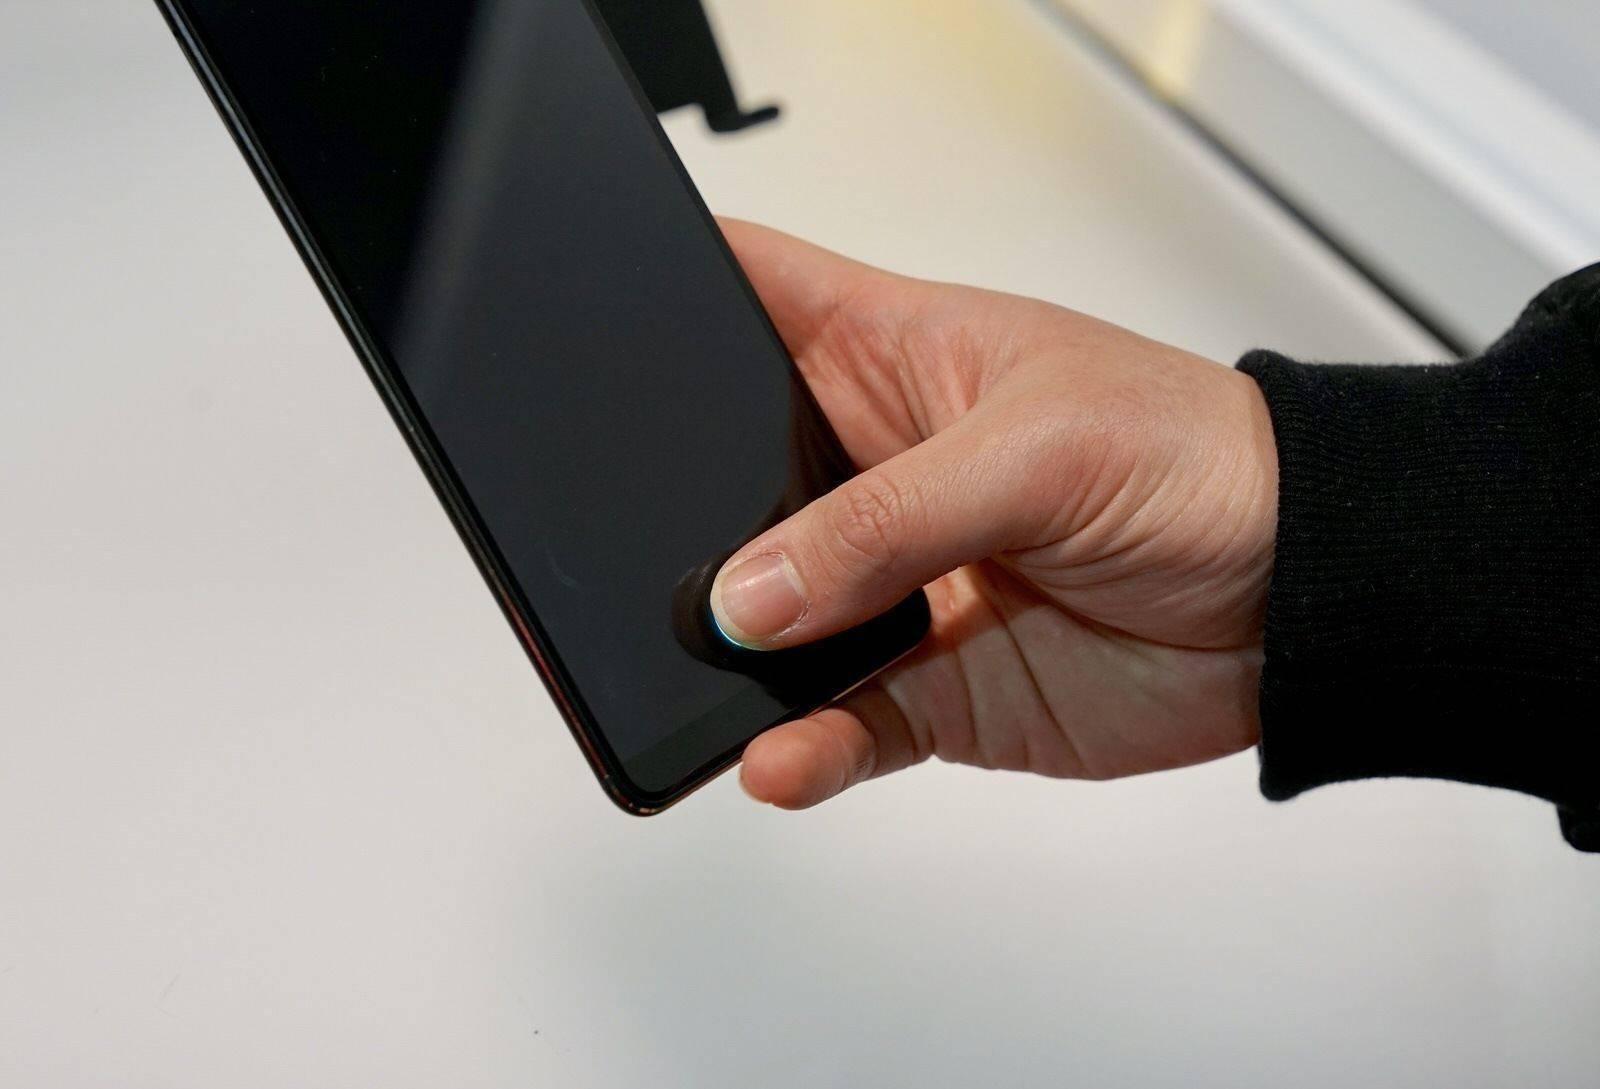 带口罩的你,还能等到 iPhone 的屏下指纹吗?